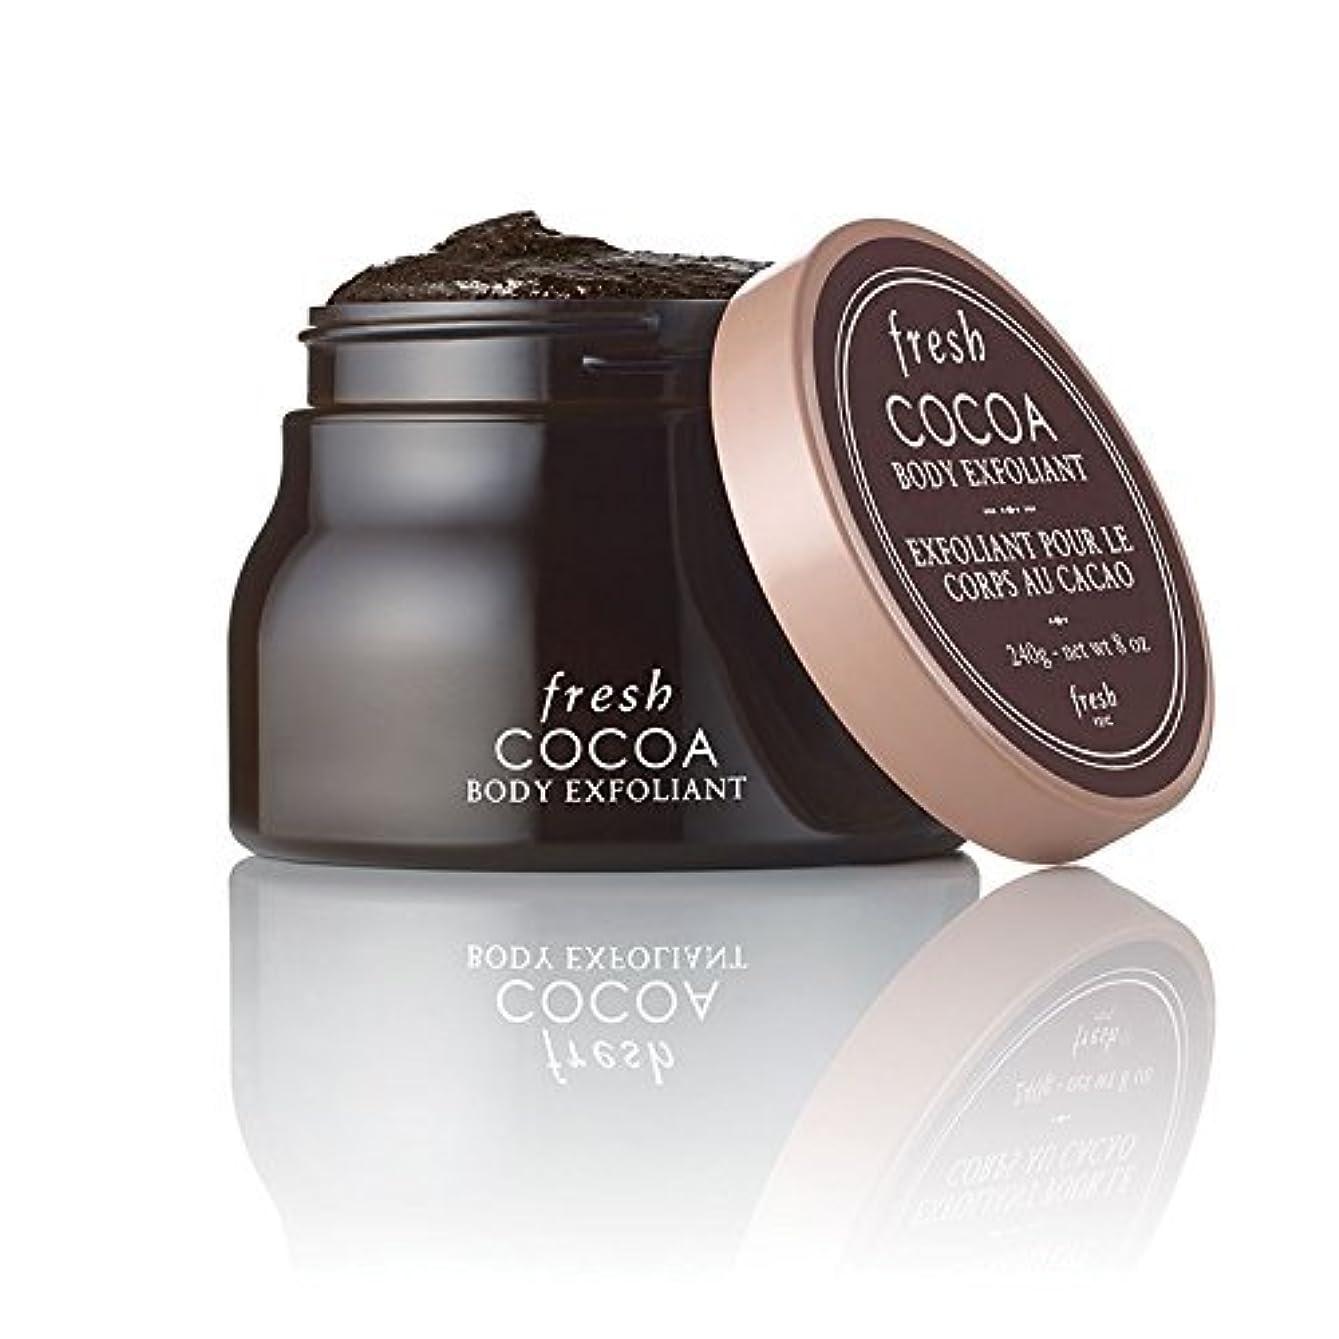 制限葉私たちFresh Cocoa Body Exfoliant (フレッシュ ココア ボディー エクスフォリアント) 150g by Fresh for Women